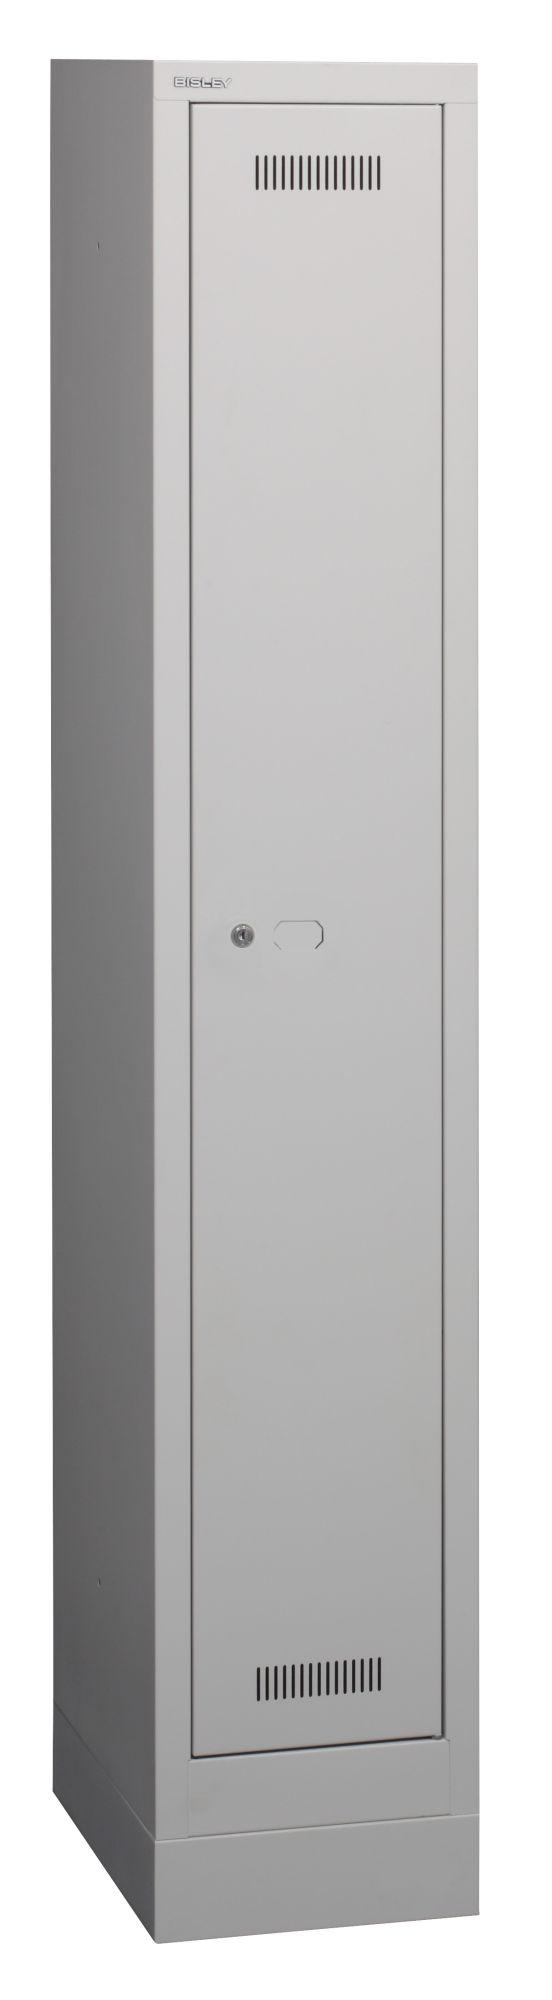 Bisley Garderobenschrank MonoBloc™mit Sockel, 1 Abteil, 1 Fach, Farbe lichtgrau